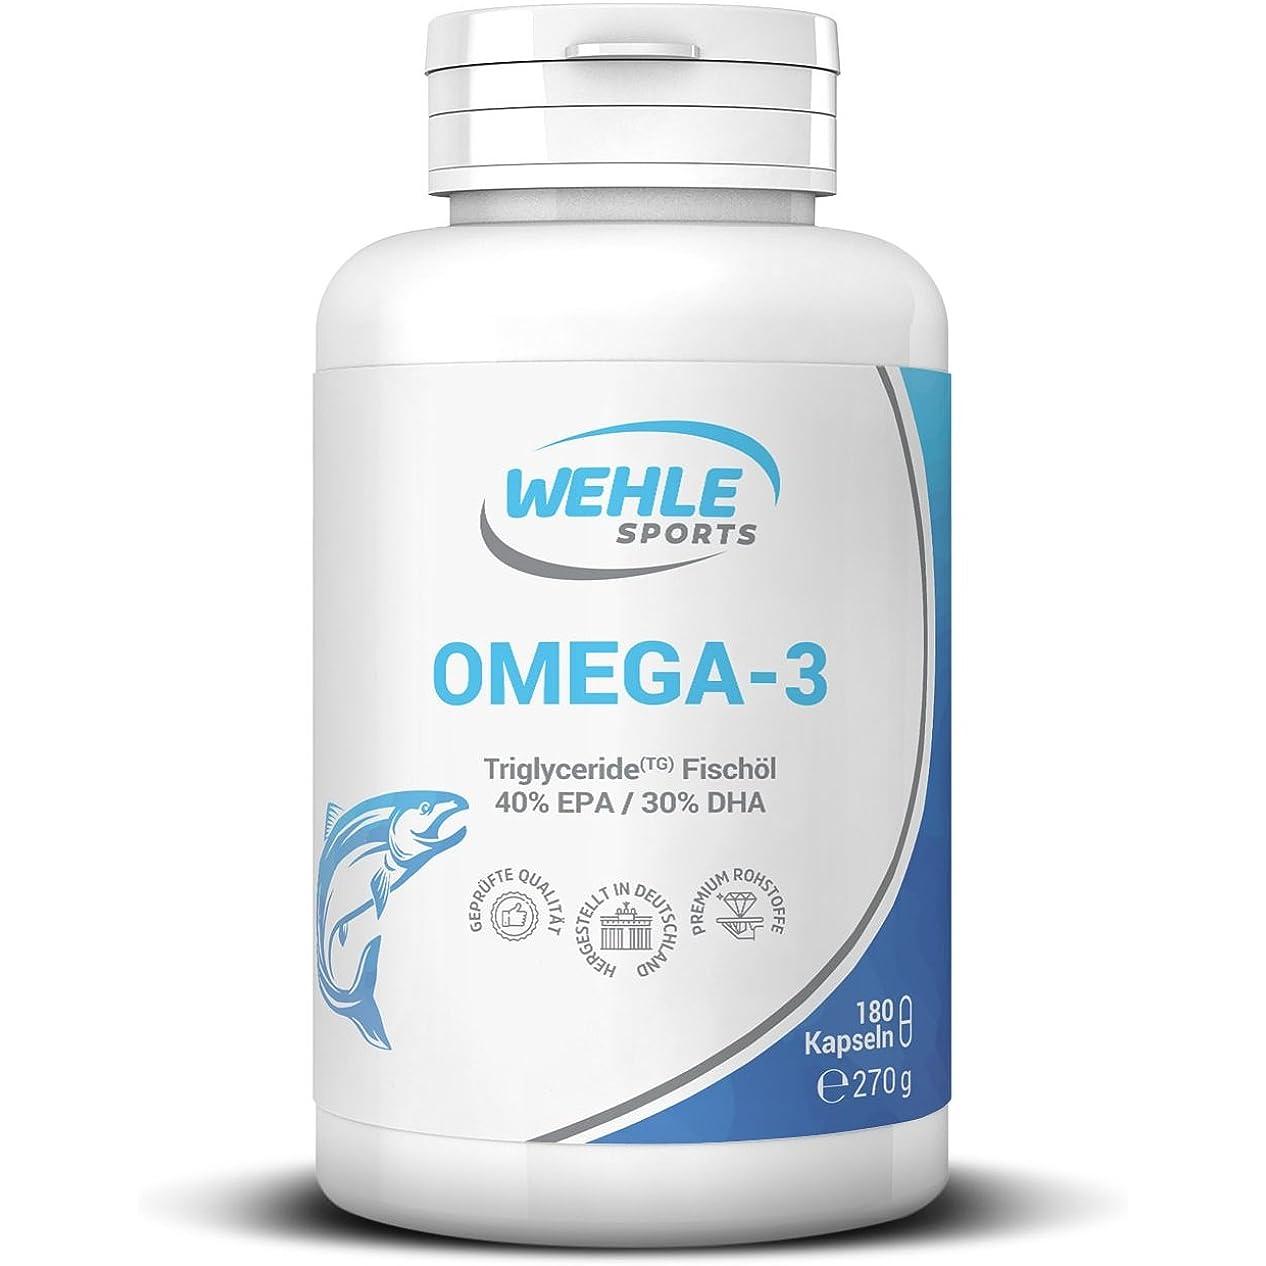 Wehle Sports Omega 3 Kapseln